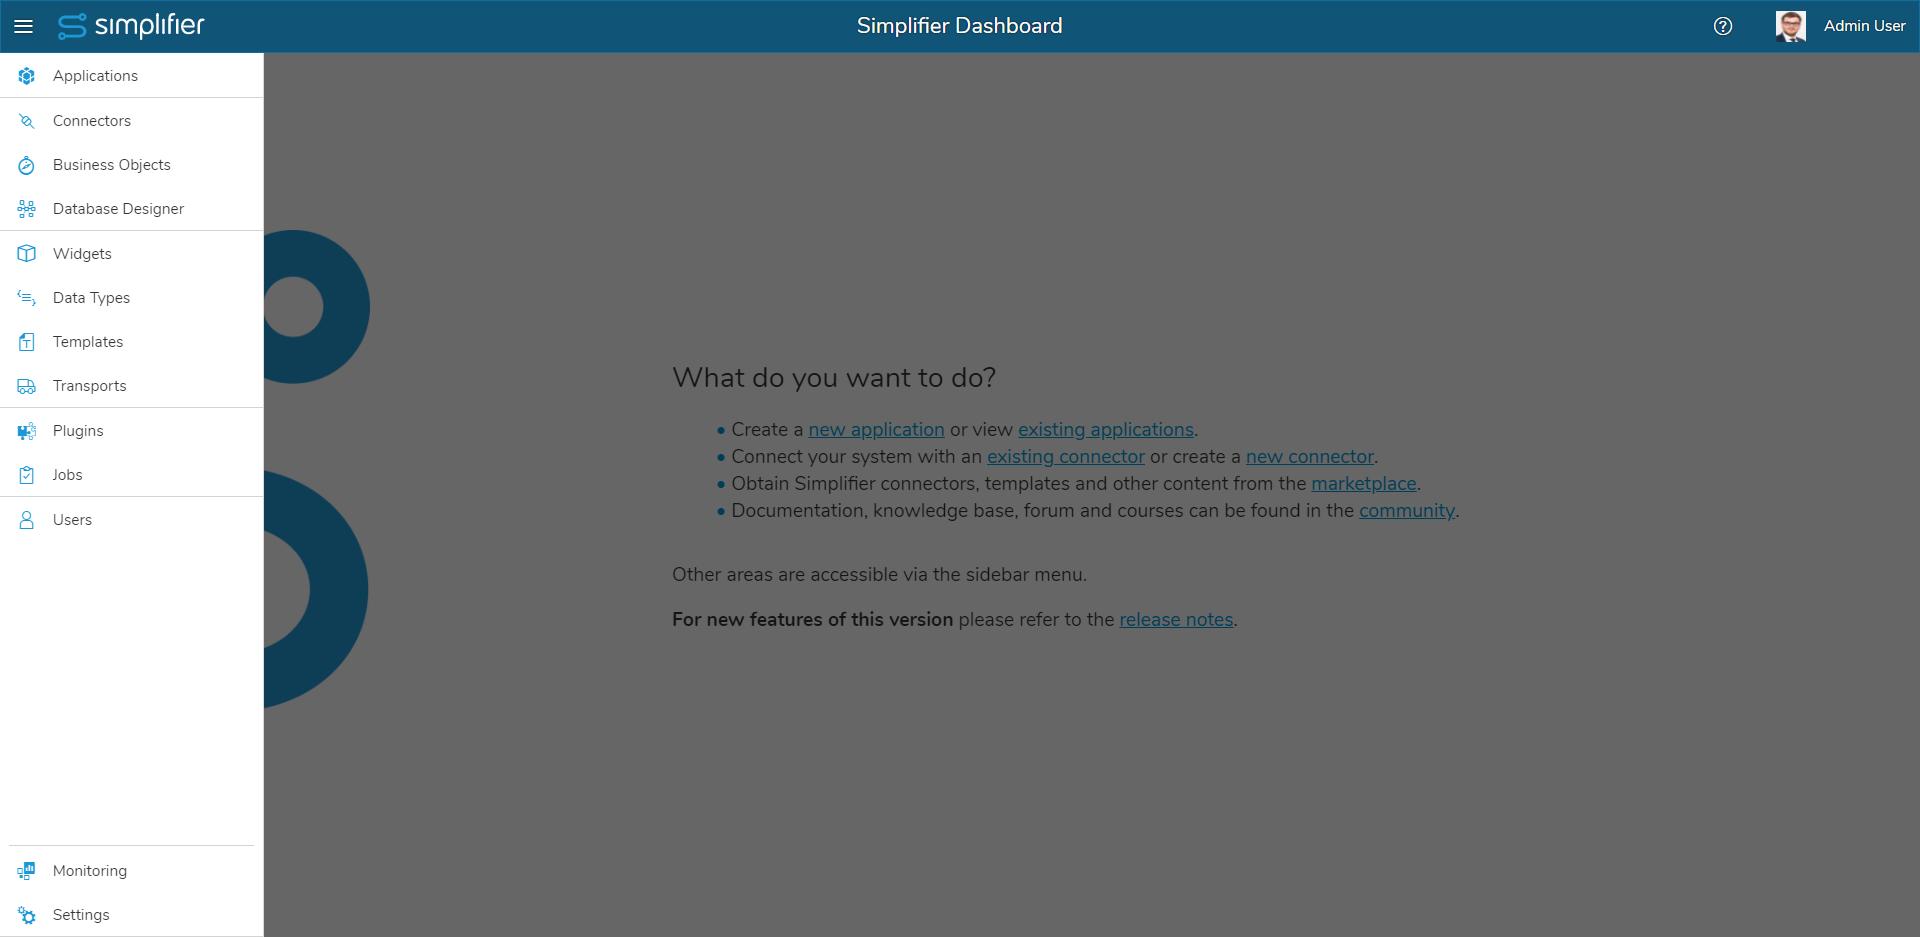 Über die Startseite gelangt Sie als Nutzer an alle Funktionen, die Sie zur Erstellung von Apps benötigen